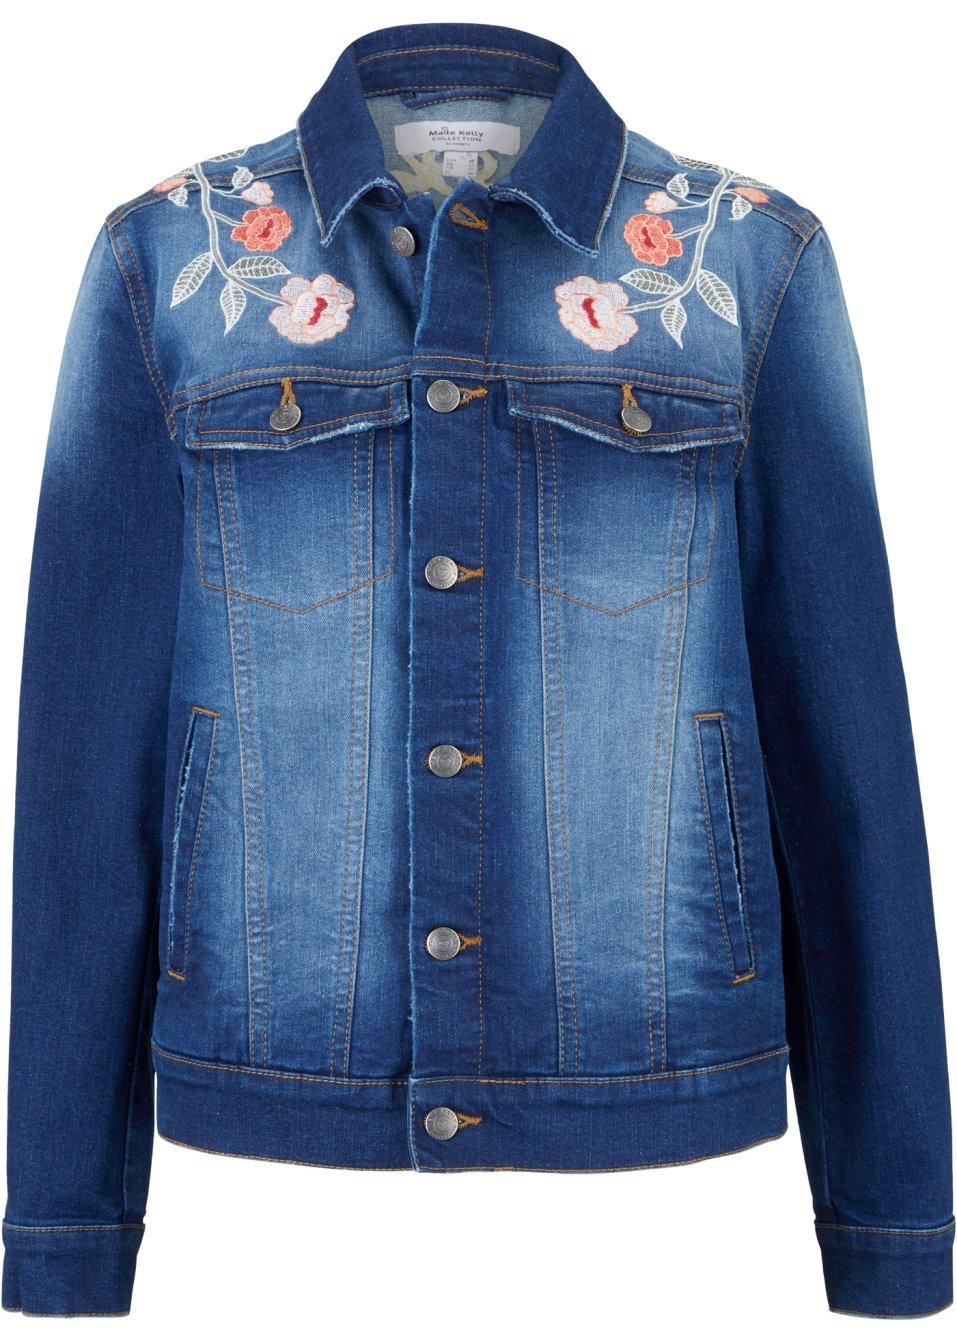 Bestickte Jeansjacke mit Stretch - Anteil - designt von Maite Kelly - blue stone HQ0Ry yuj39